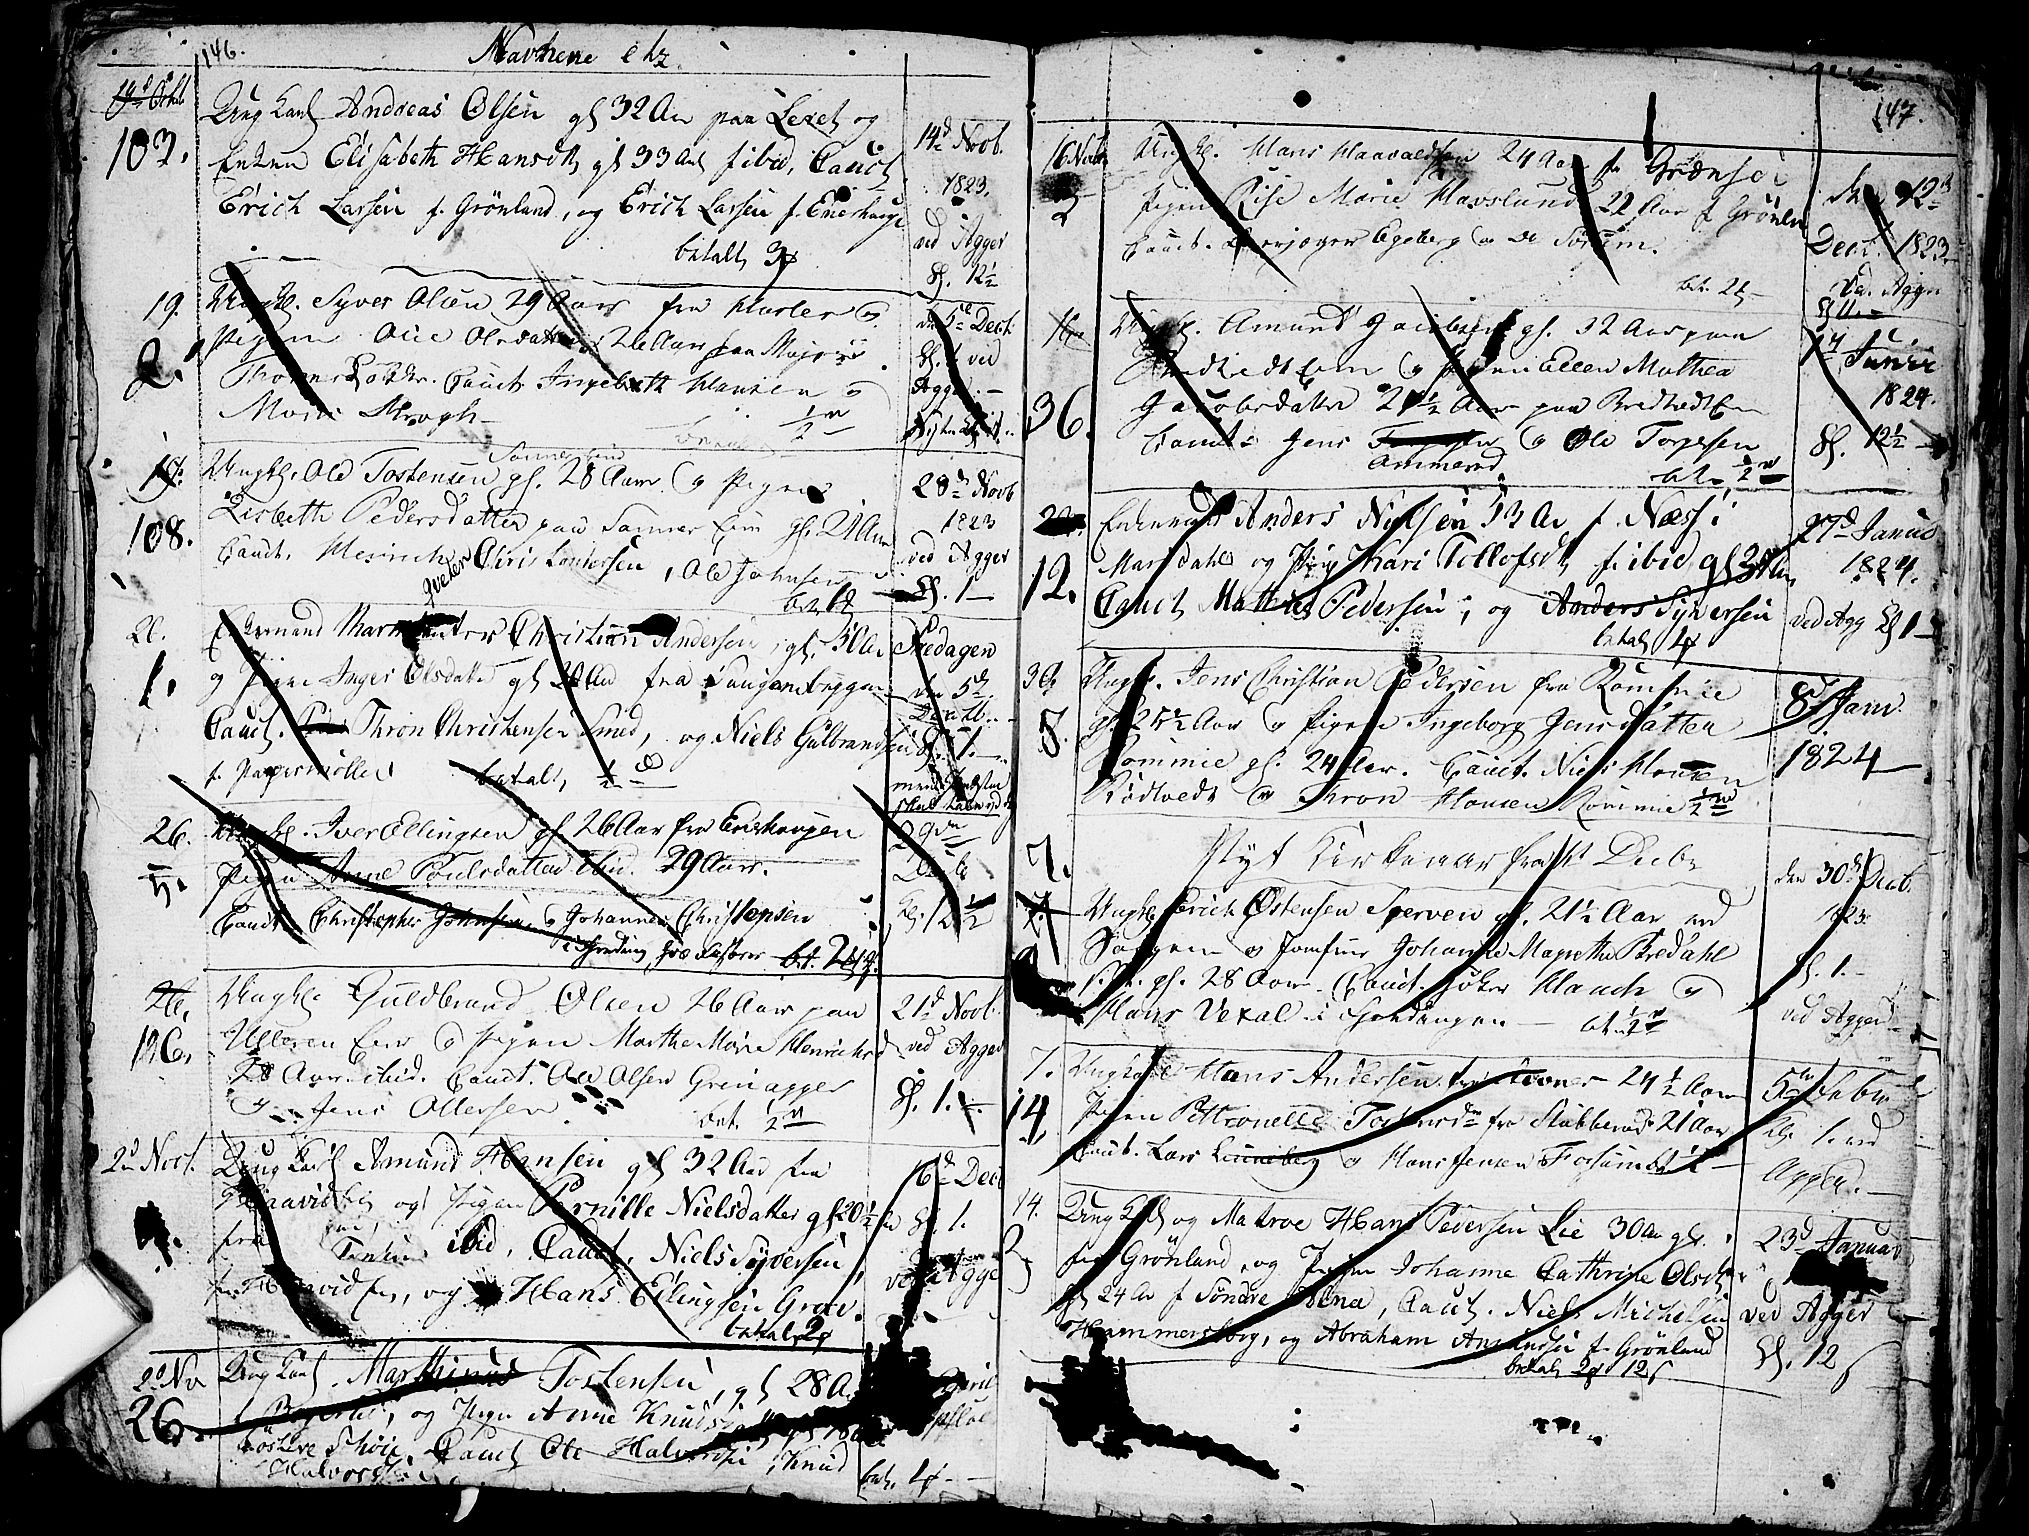 SAO, Aker prestekontor kirkebøker, G/L0001: Klokkerbok nr. 1, 1796-1826, s. 146-147